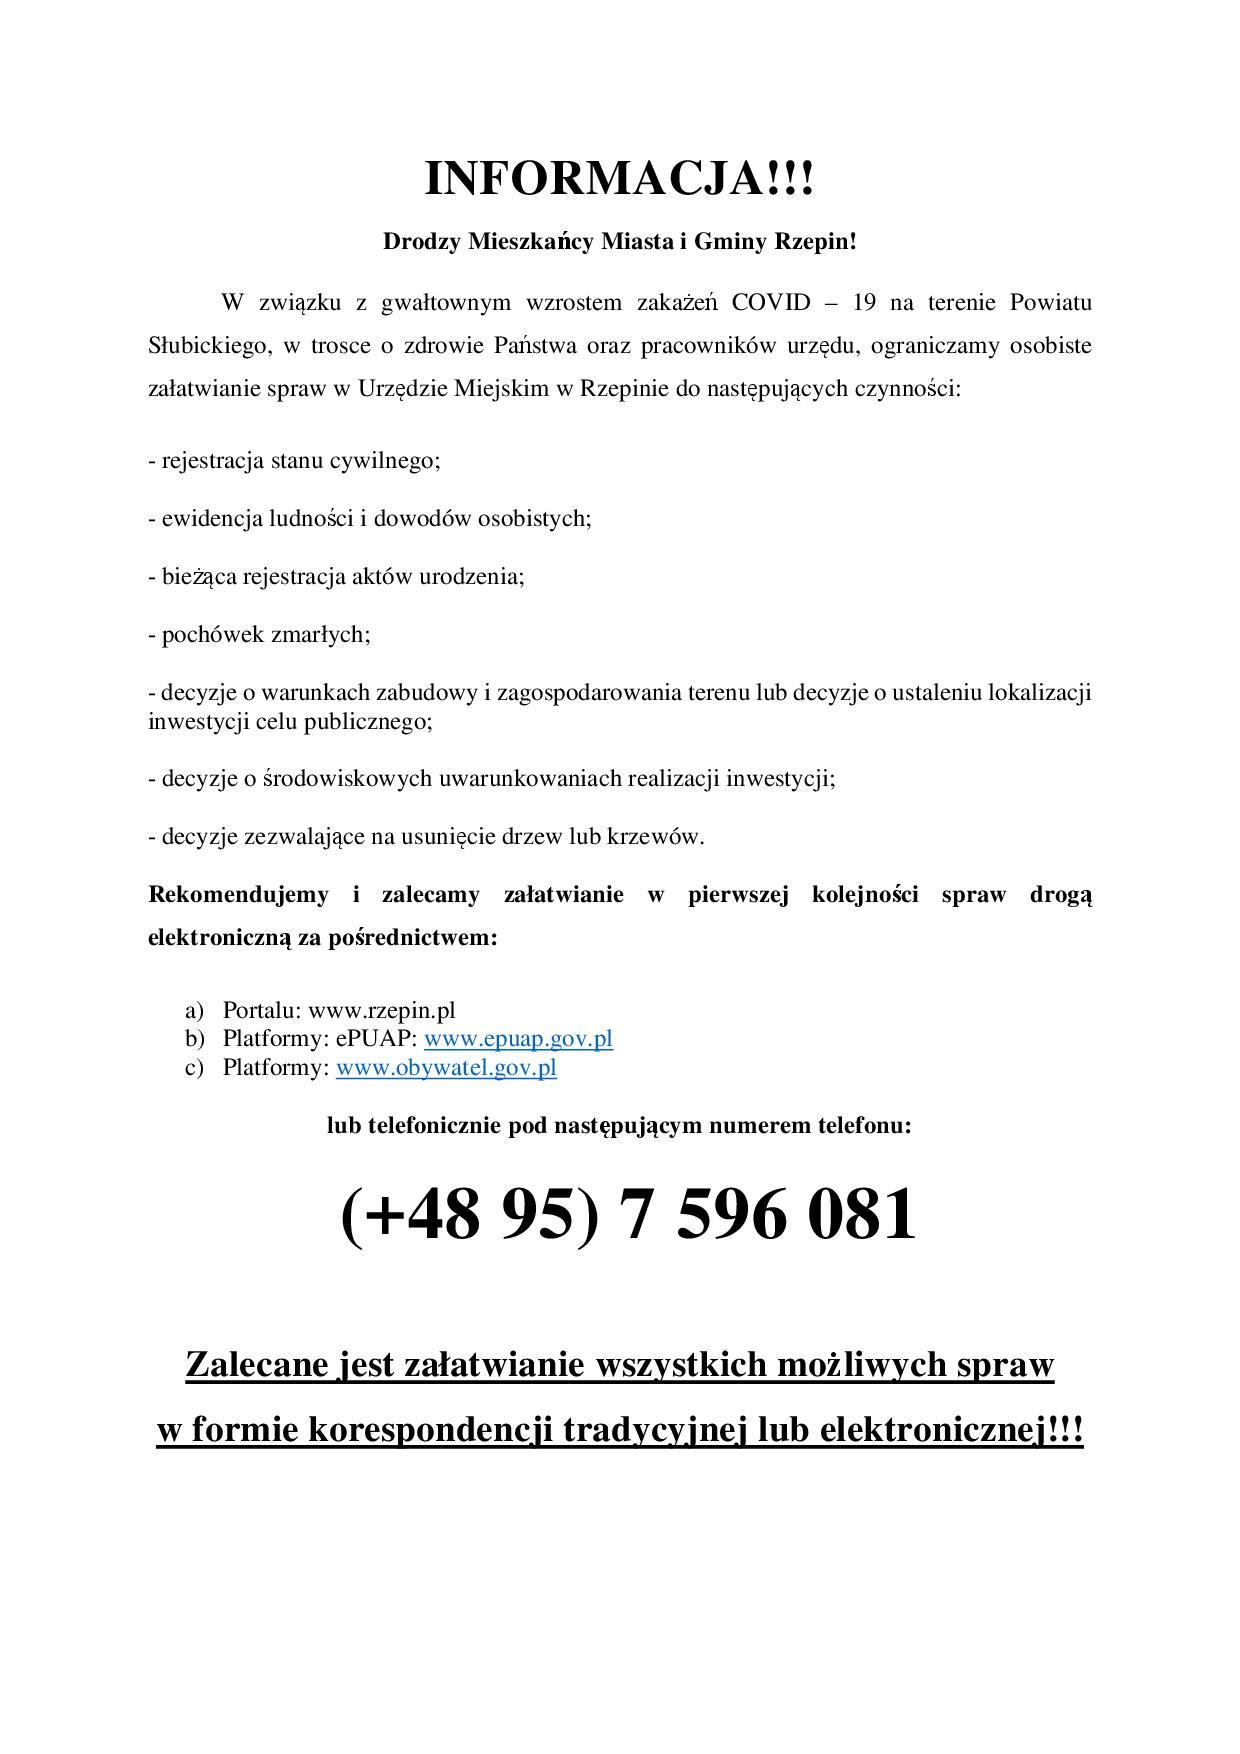 Ilustracja do informacji: Uwaga - ważna informacja dla petentów Urzędu Miejskiego w Rzepinie